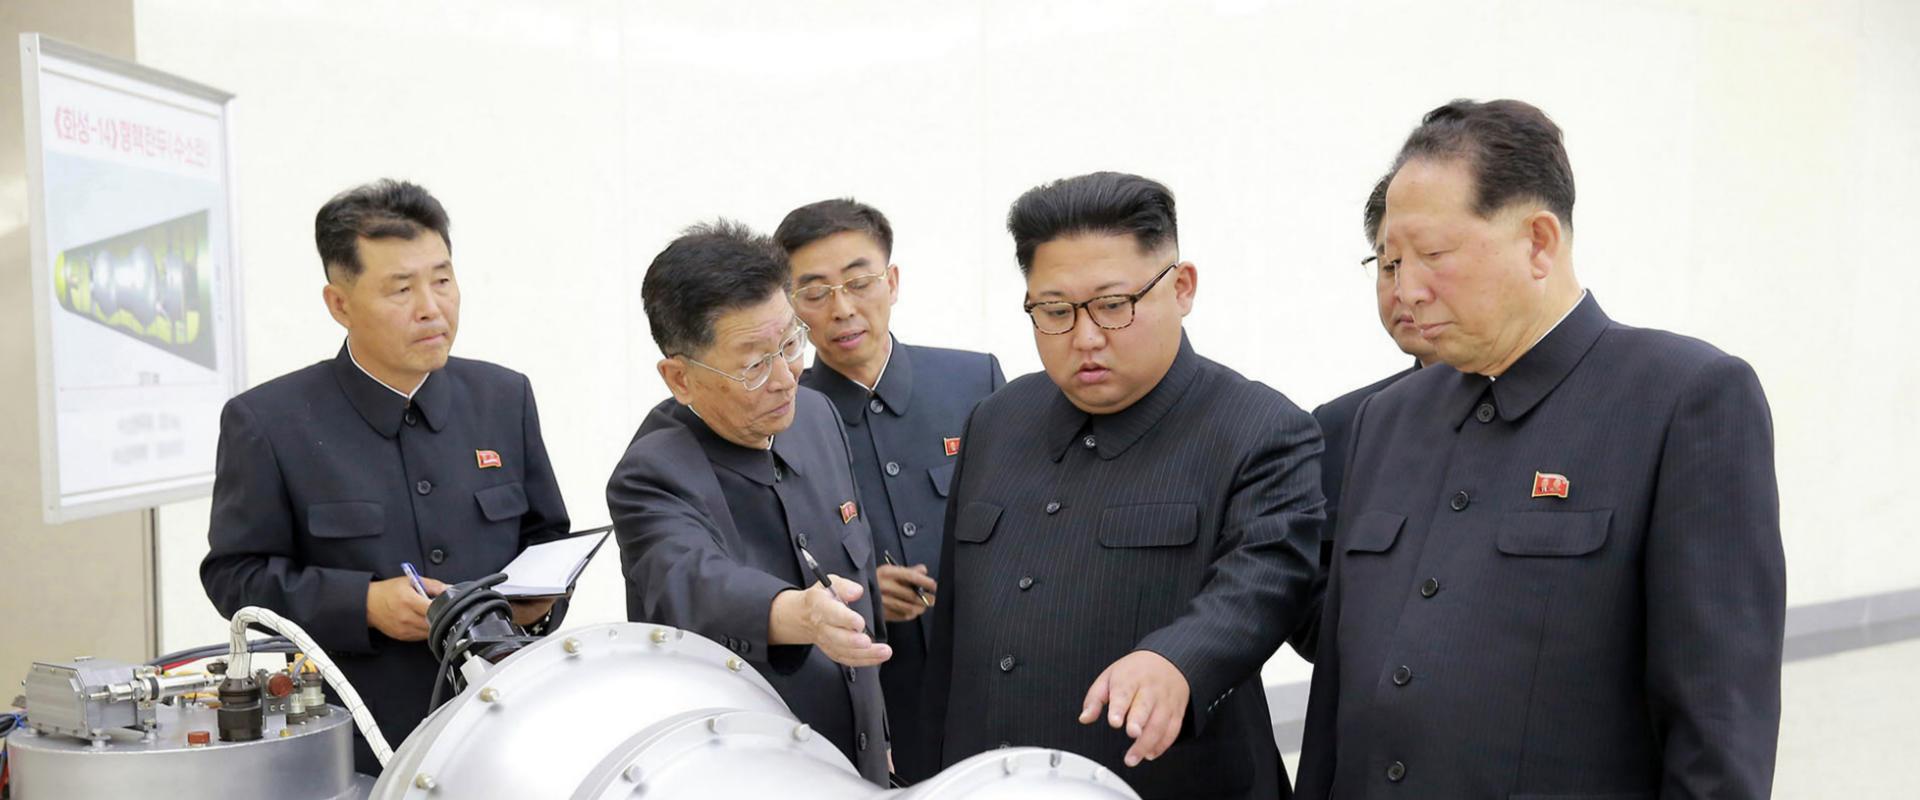 קים ג'ונג און, בצילום שהופץ שלשום בארצו